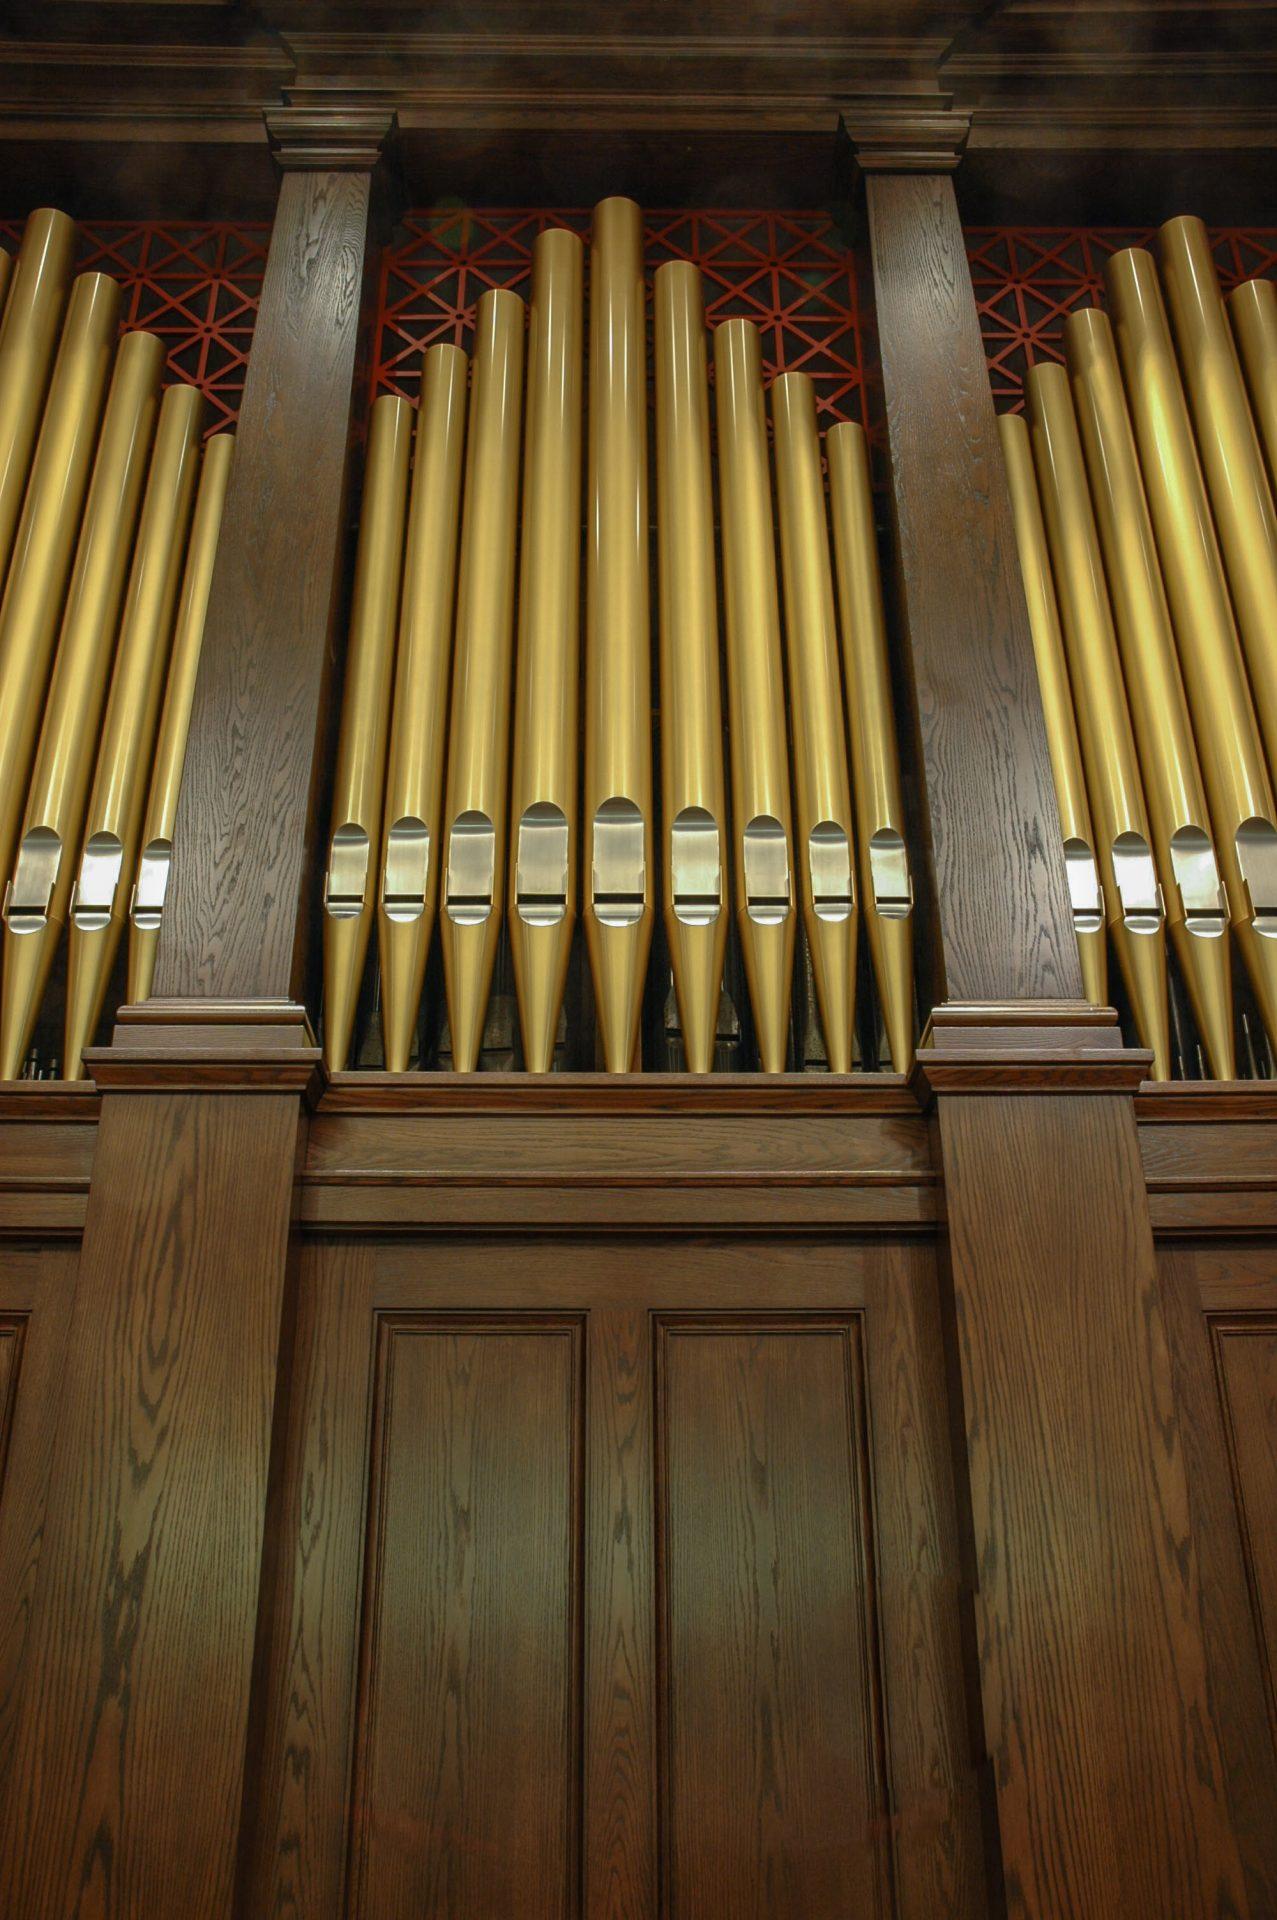 Schantz Organ Company - Lincoln NE Facade